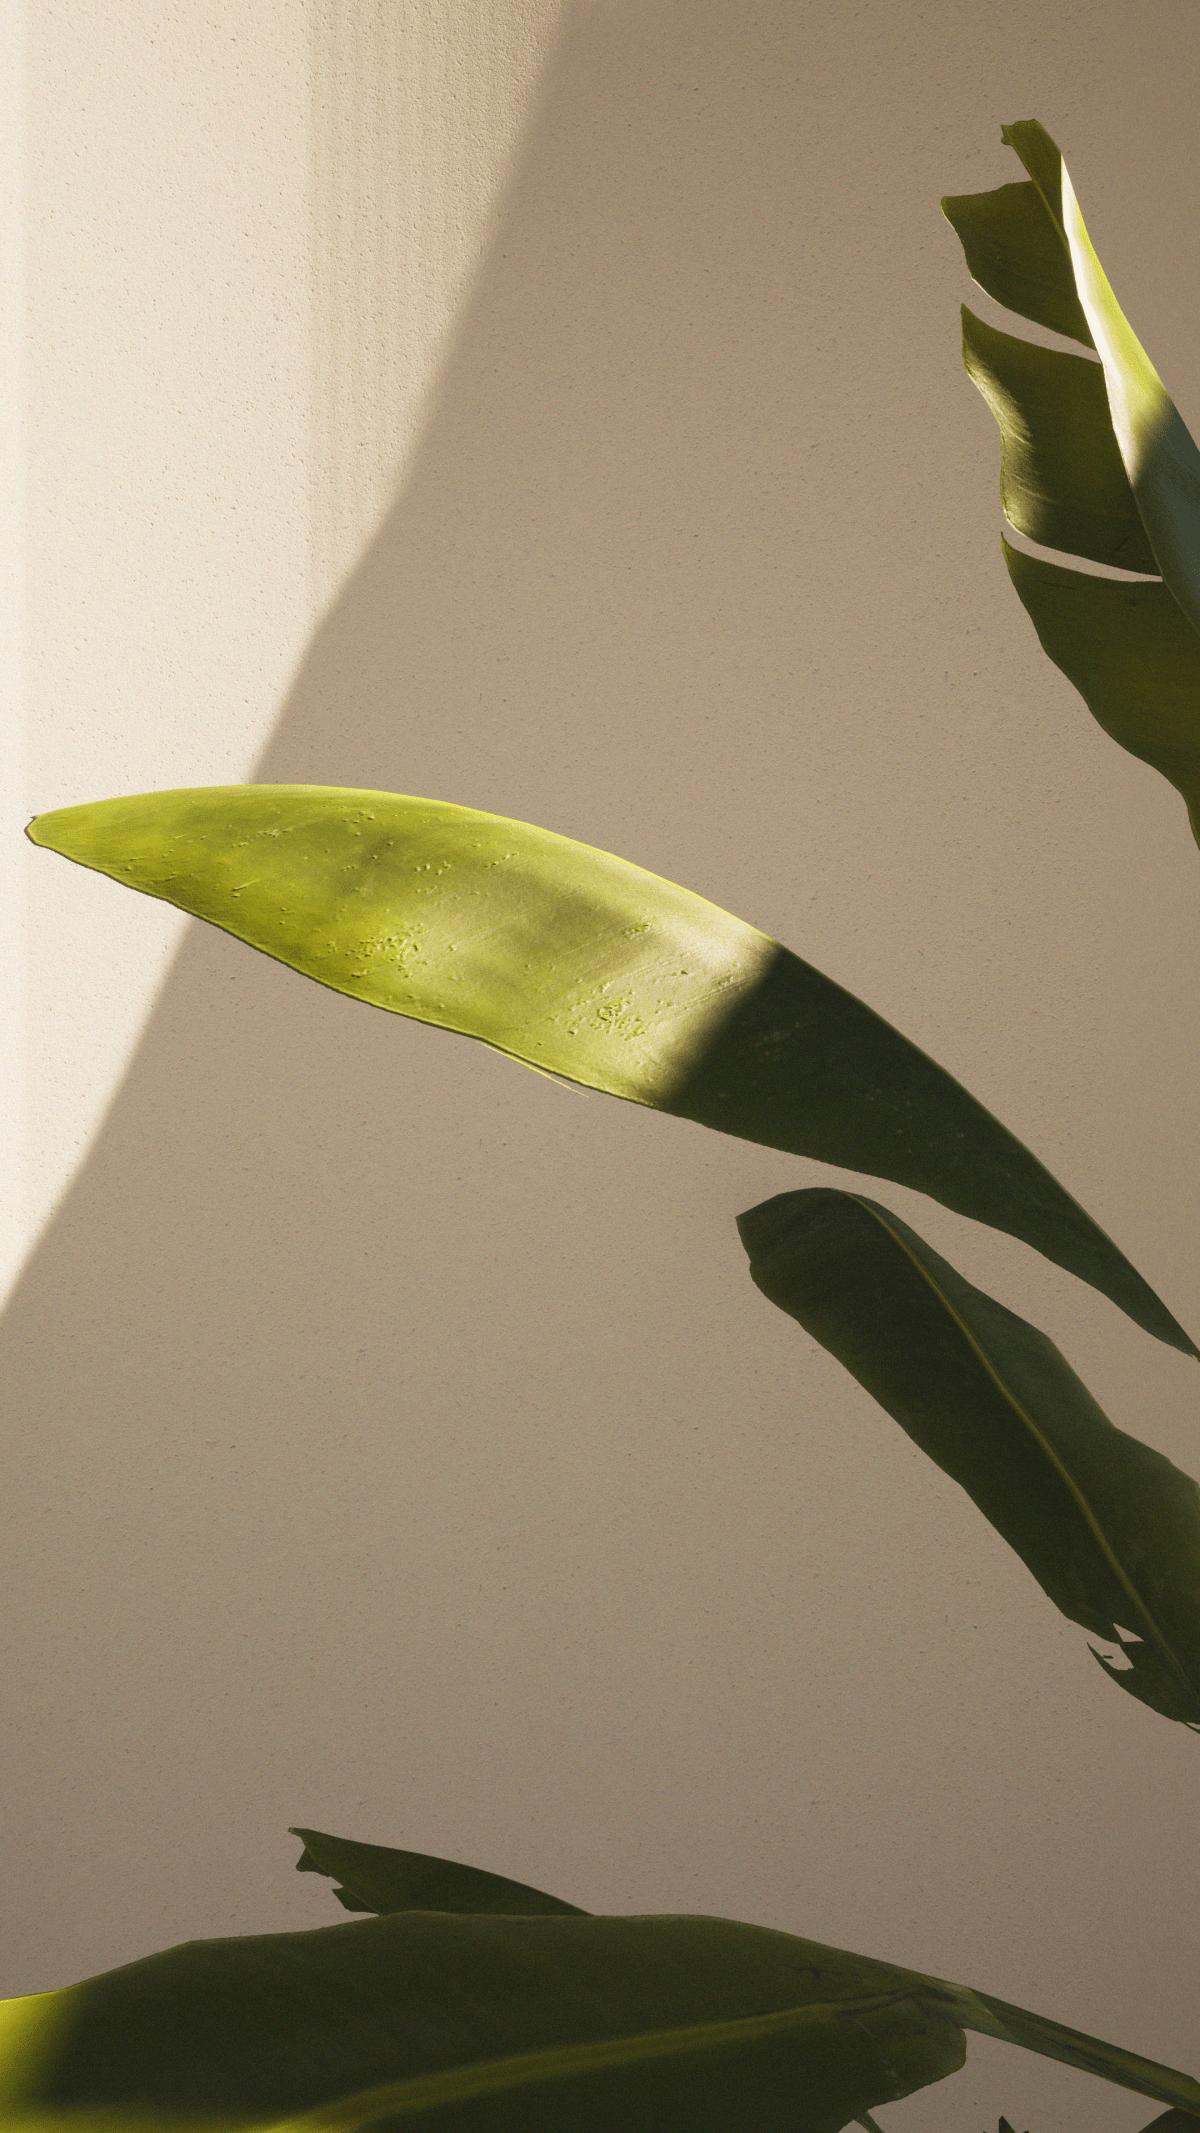 #8 - Vegetation